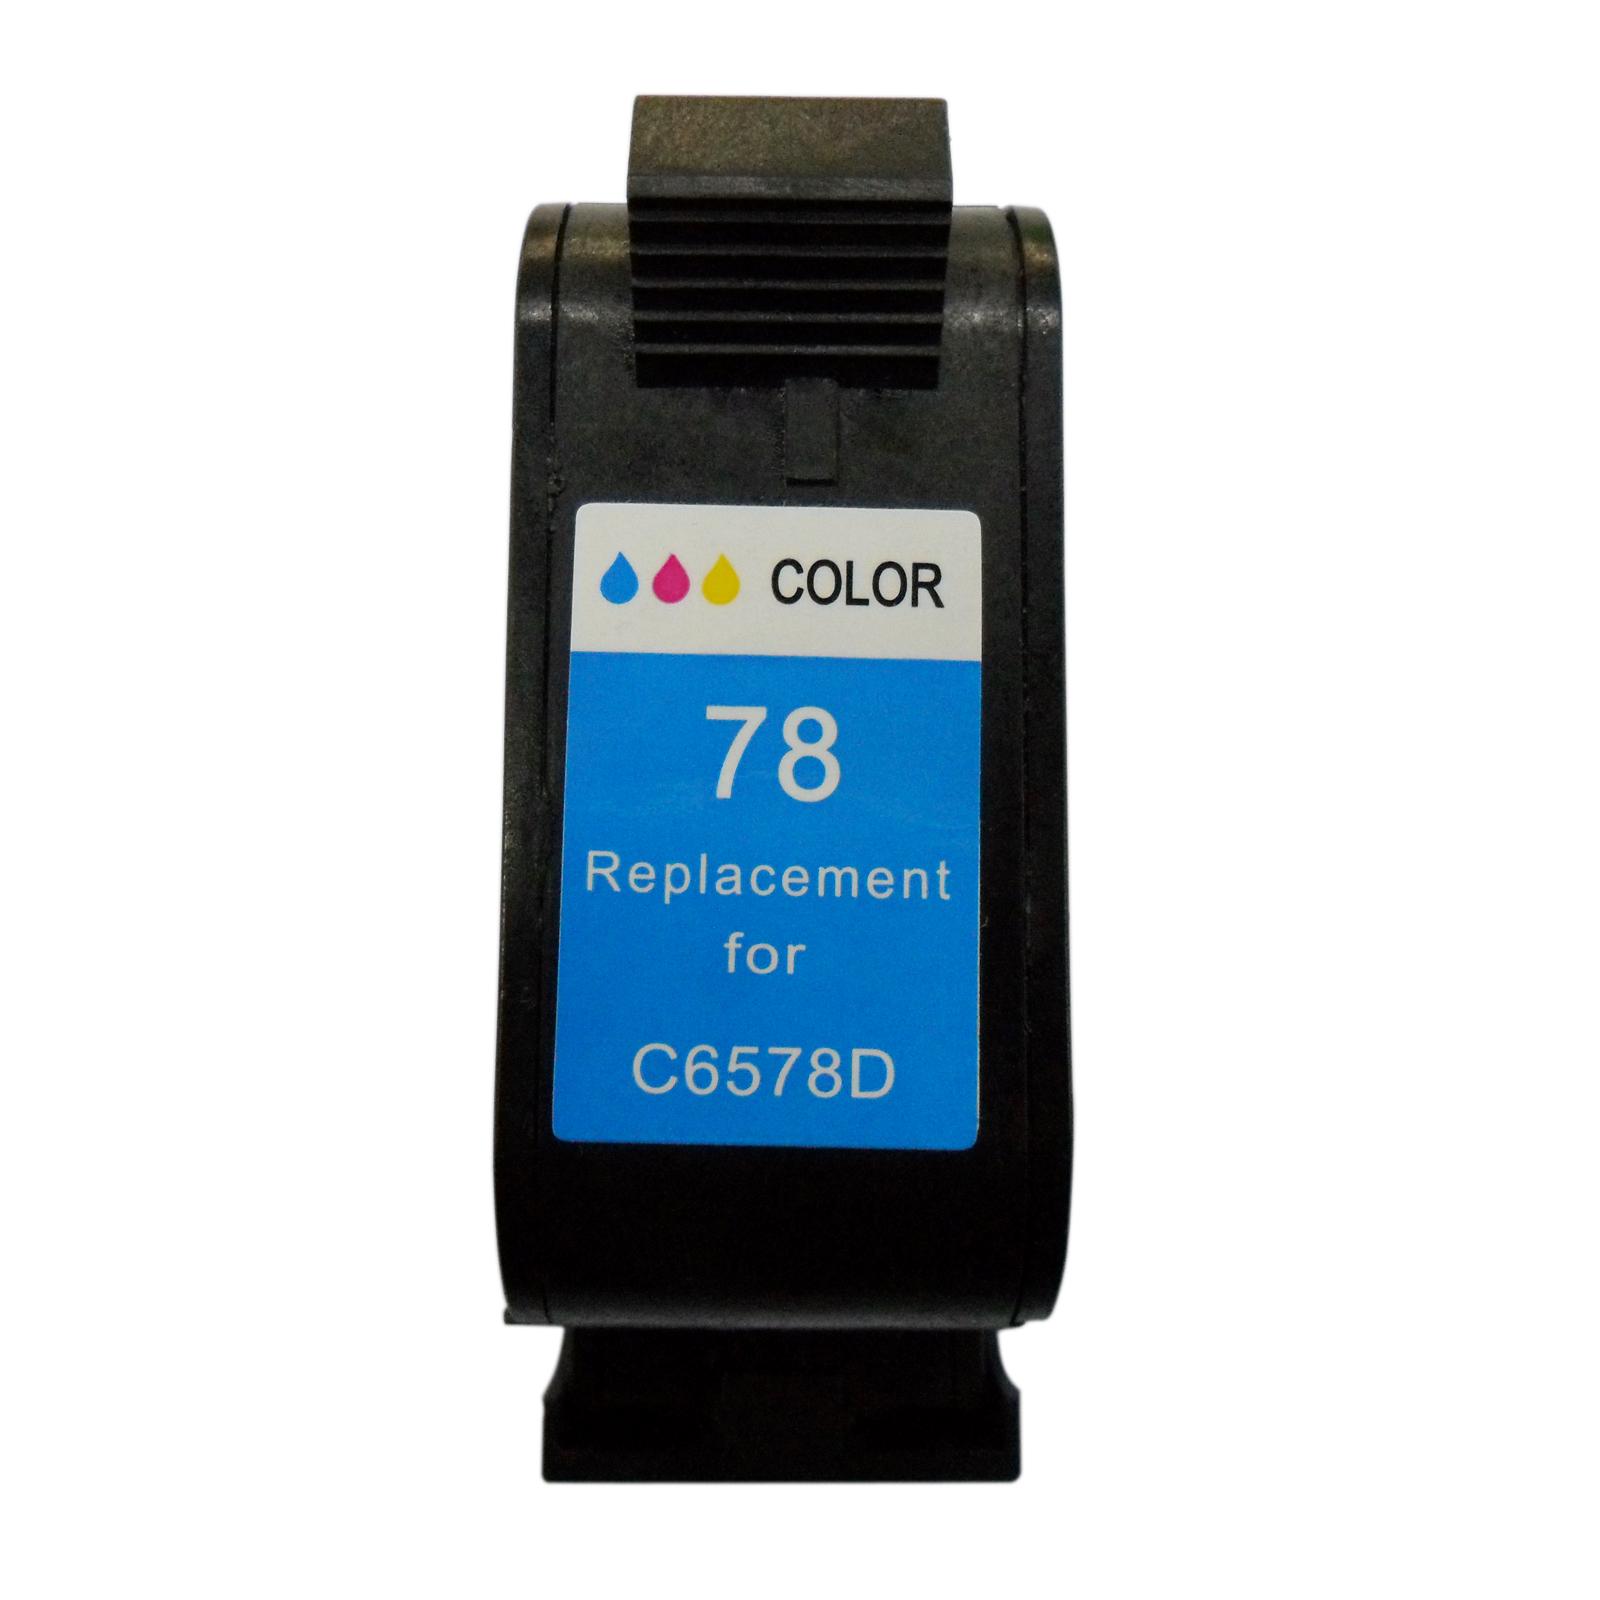 63 Hp Printer Ink Cartridges Walmart - Year of Clean Water